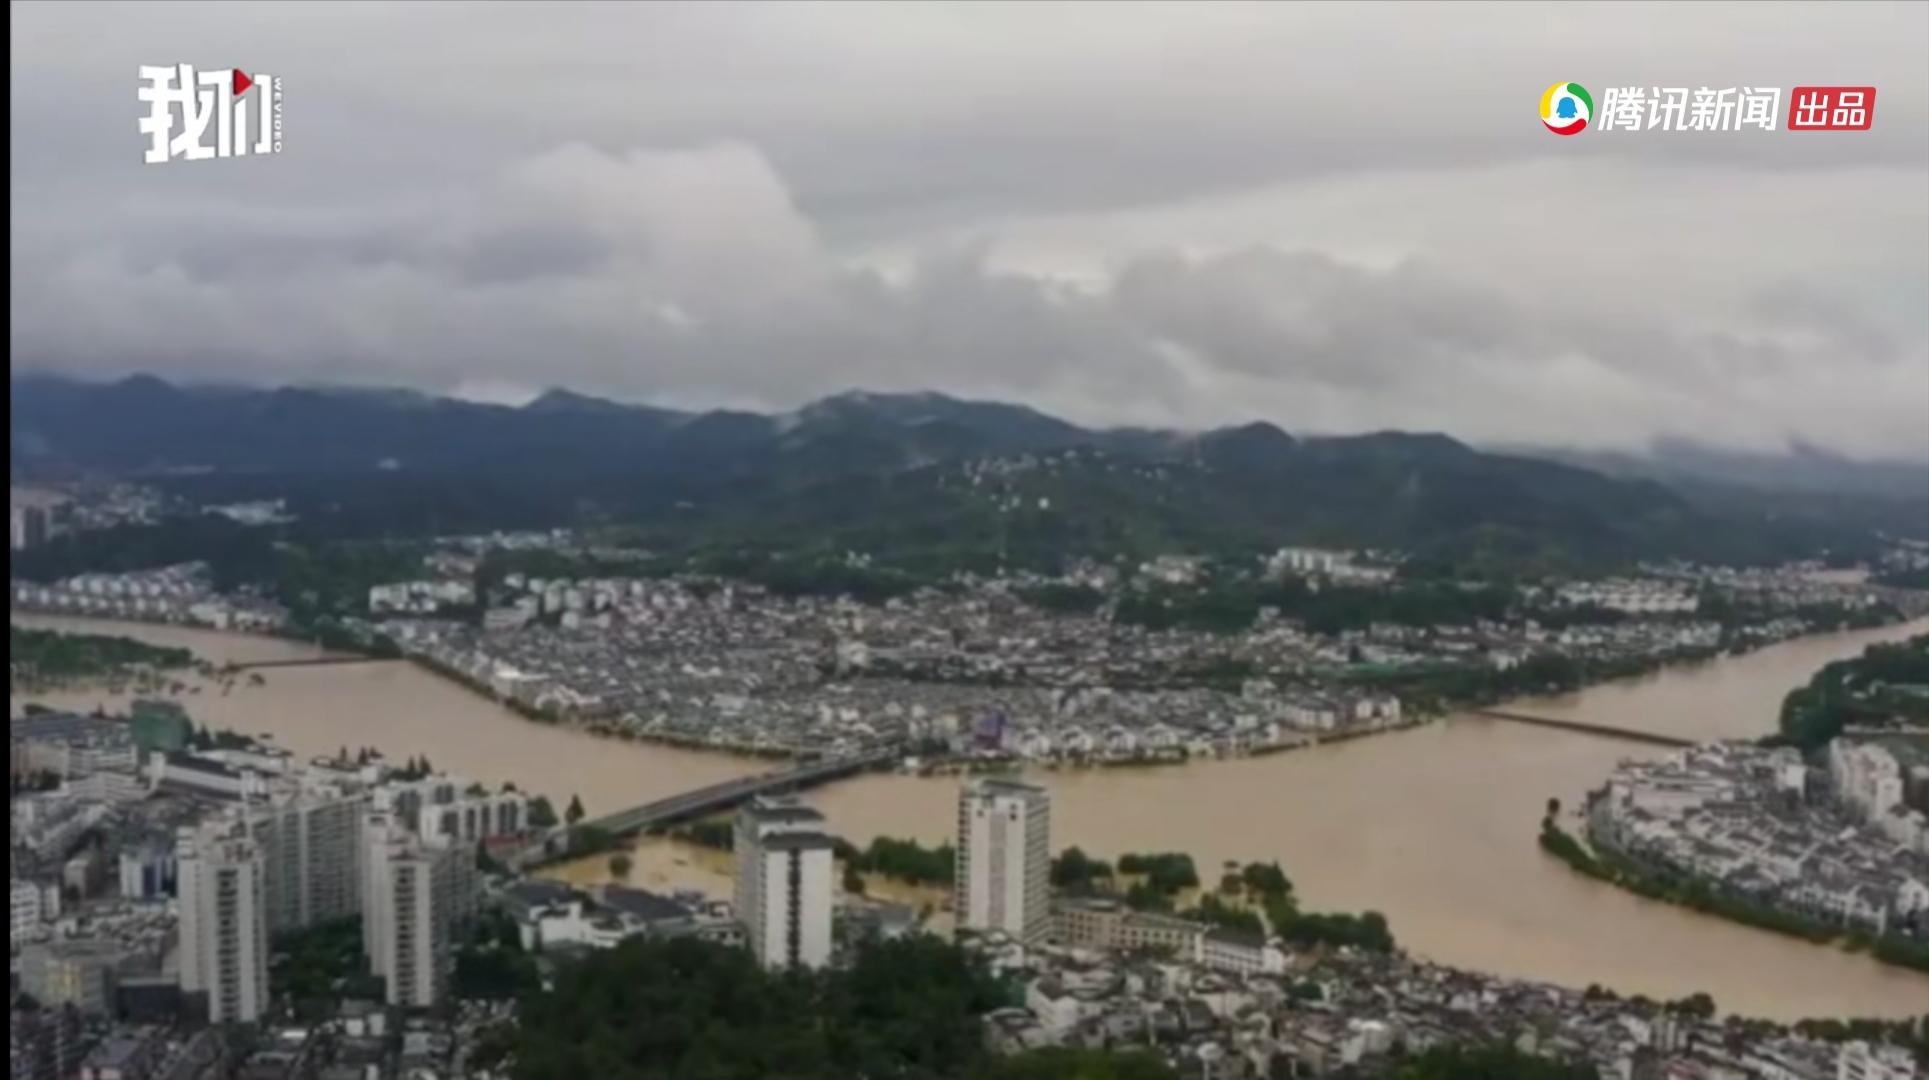 [杏悦]延期的歙县高考皮划艇转移考生学校杏悦做图片